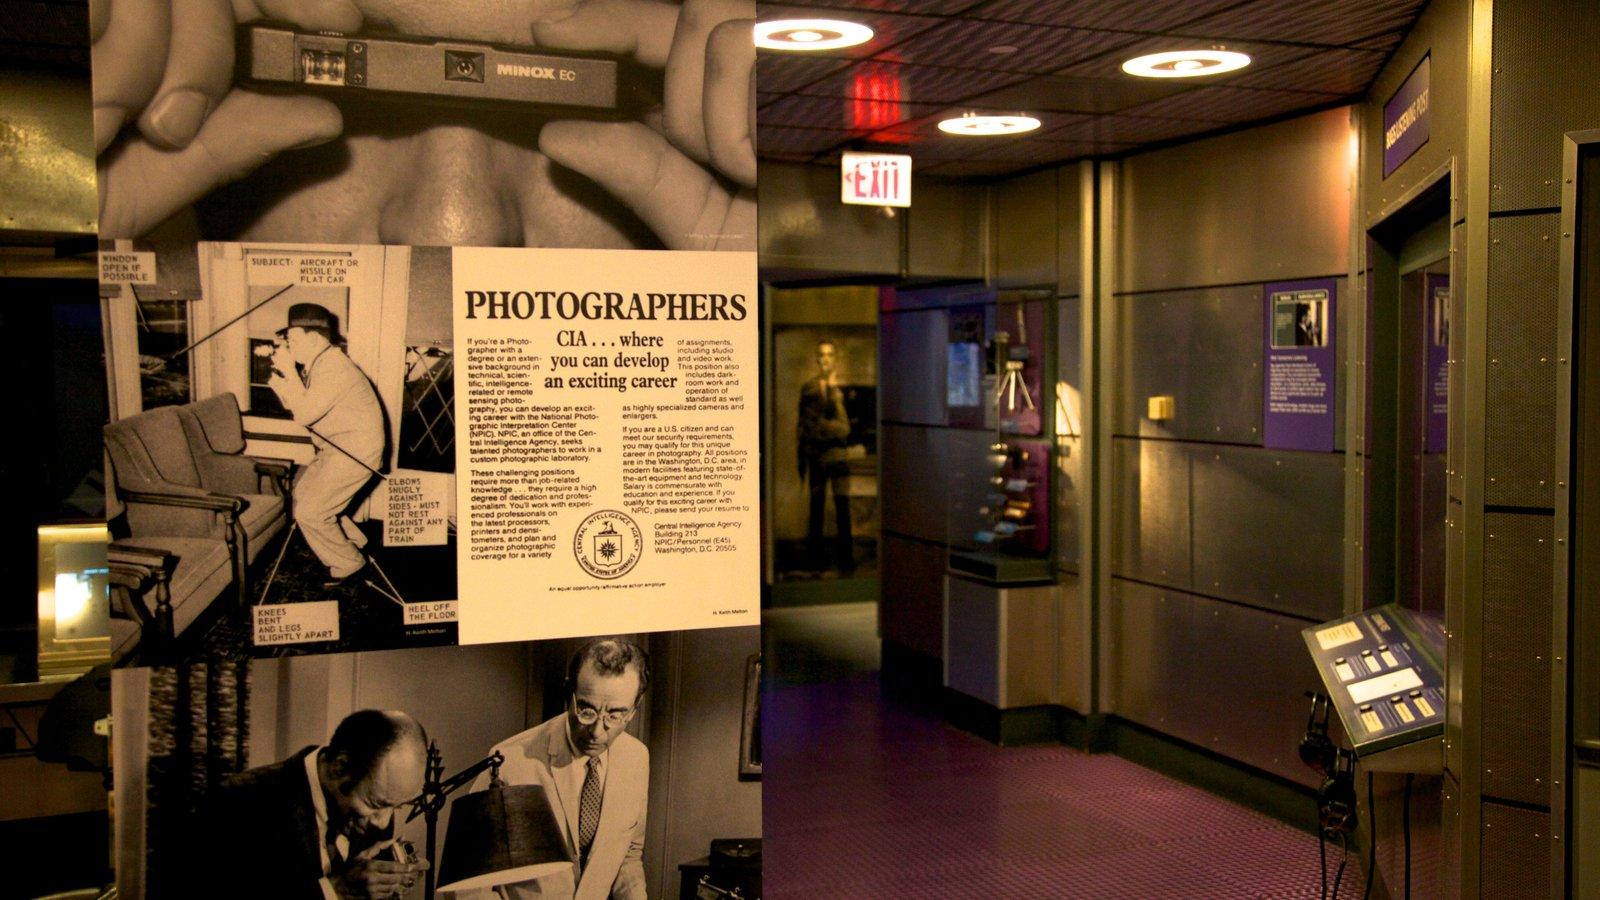 International Spy Museum mostrando sinalização e vistas internas